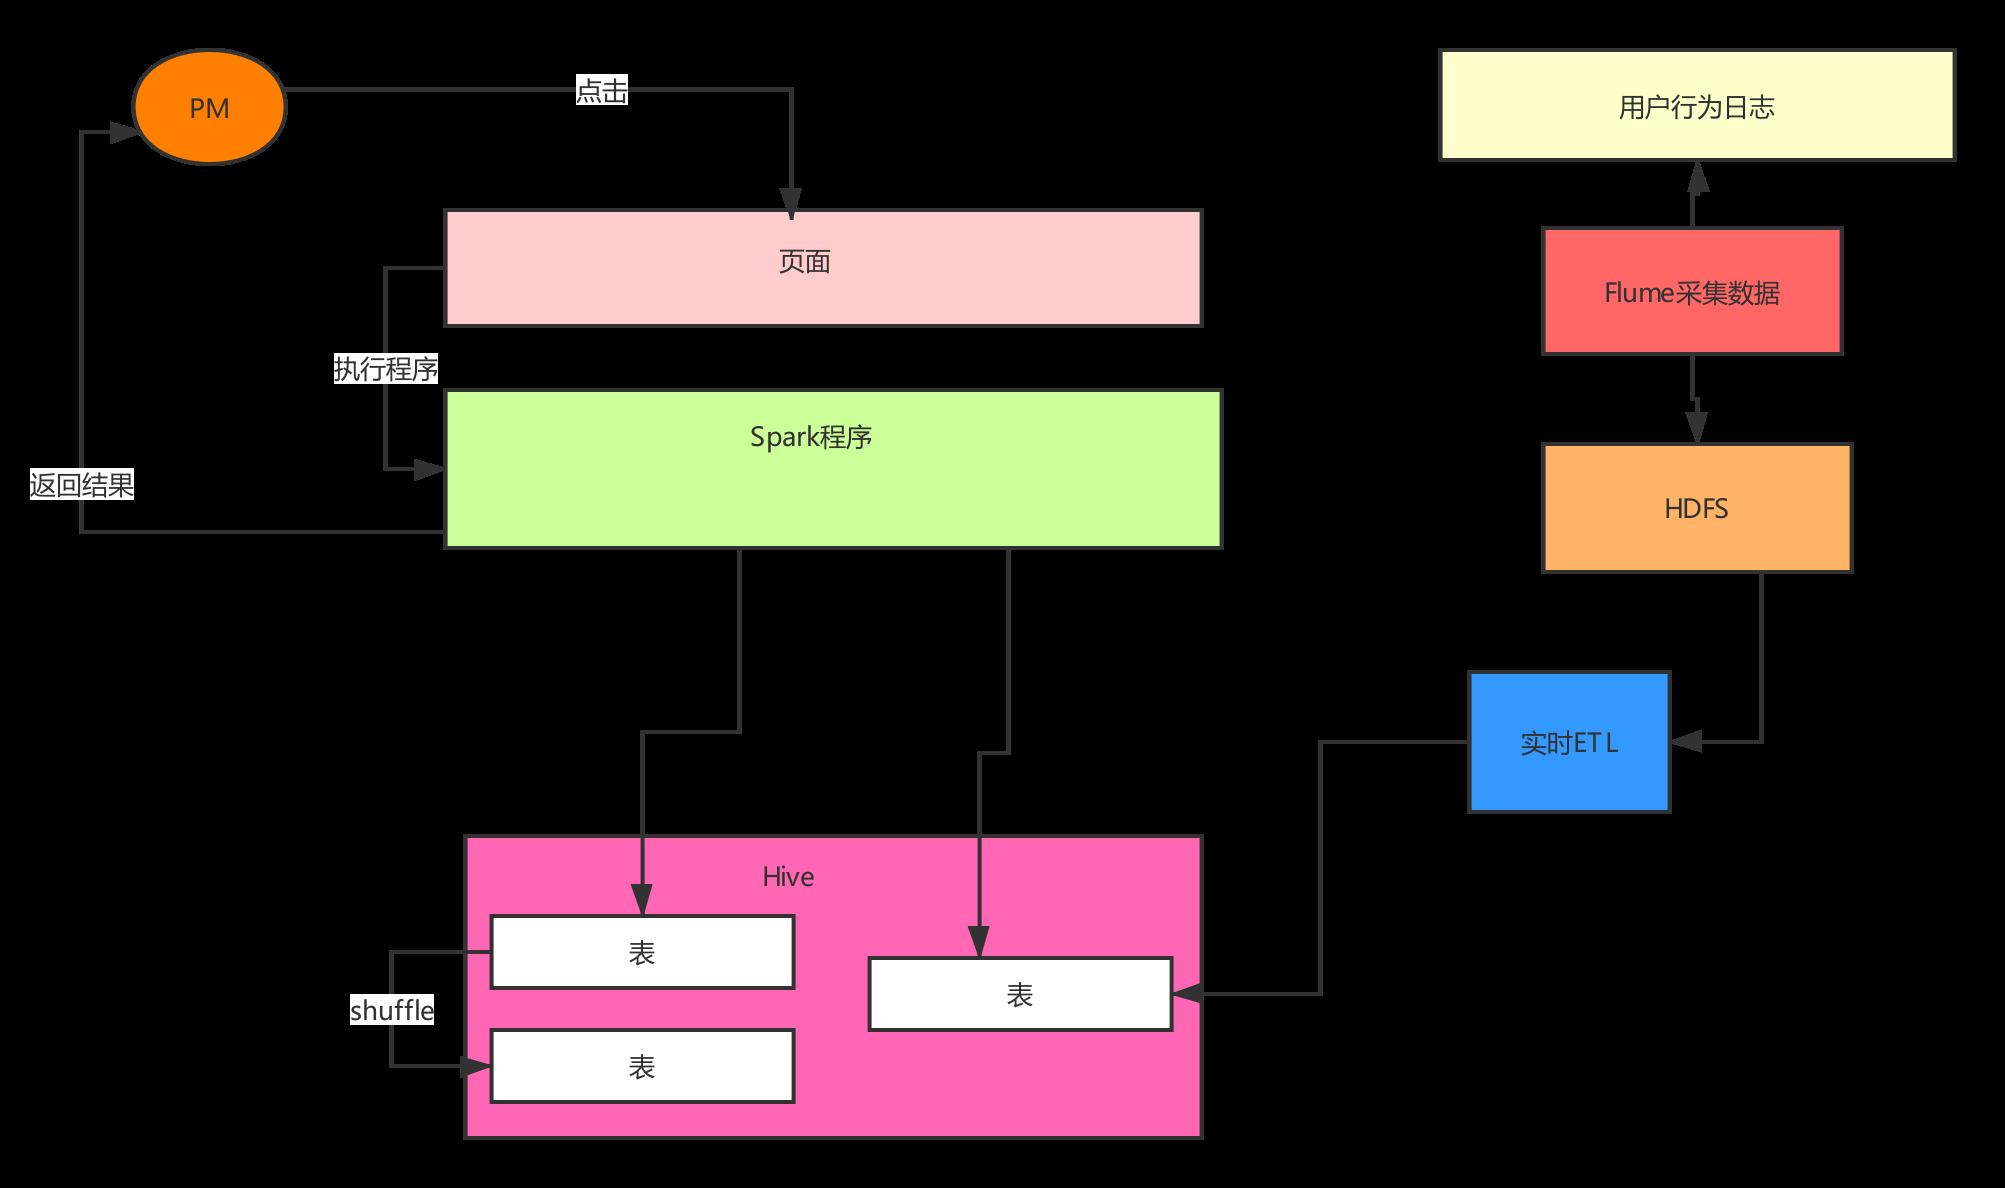 交互式用户行为分析系统